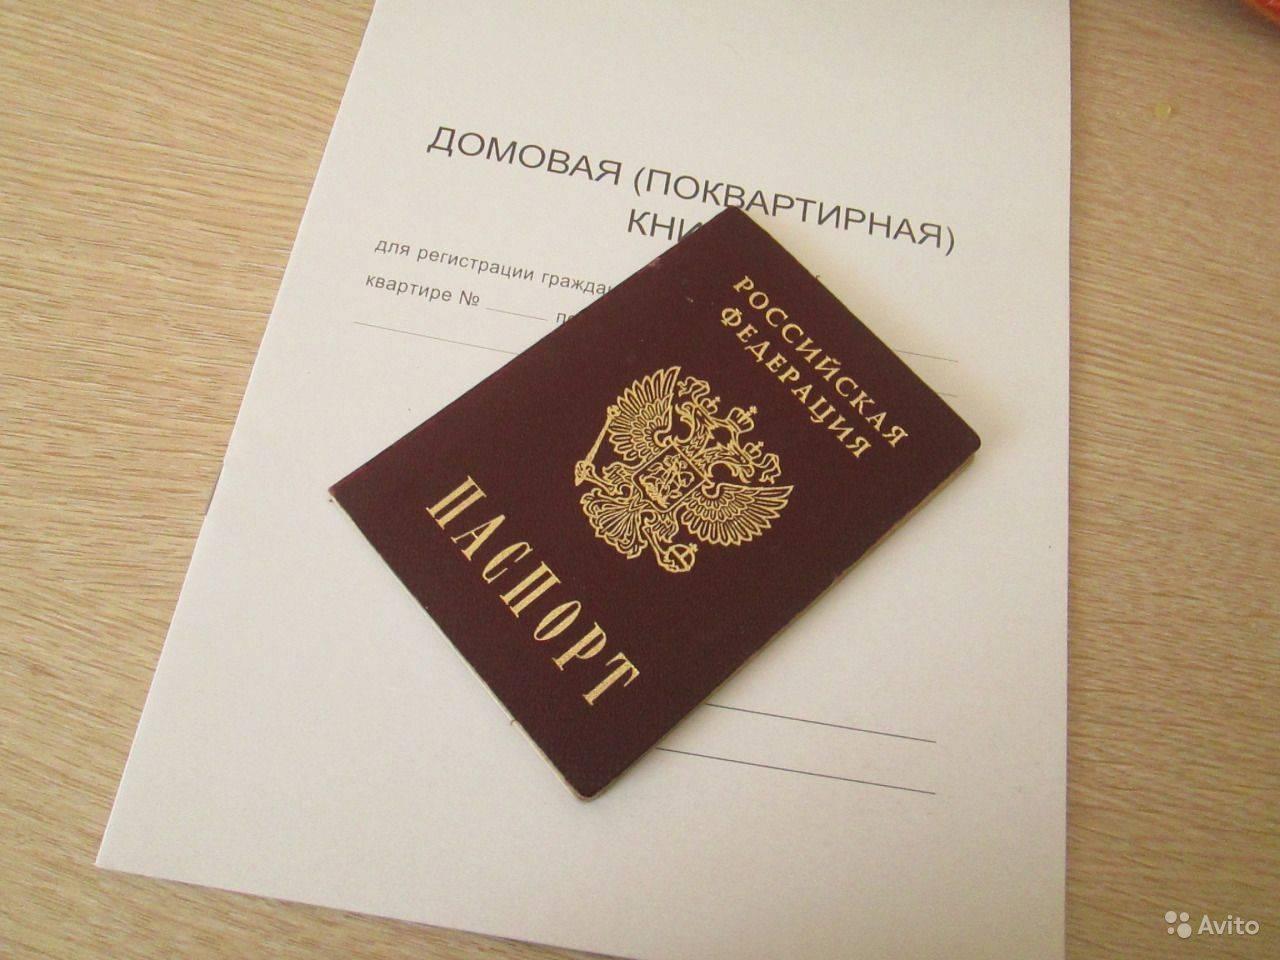 Регистрация для граждан украины в 2021 году и ее продление, сроки и стоимость